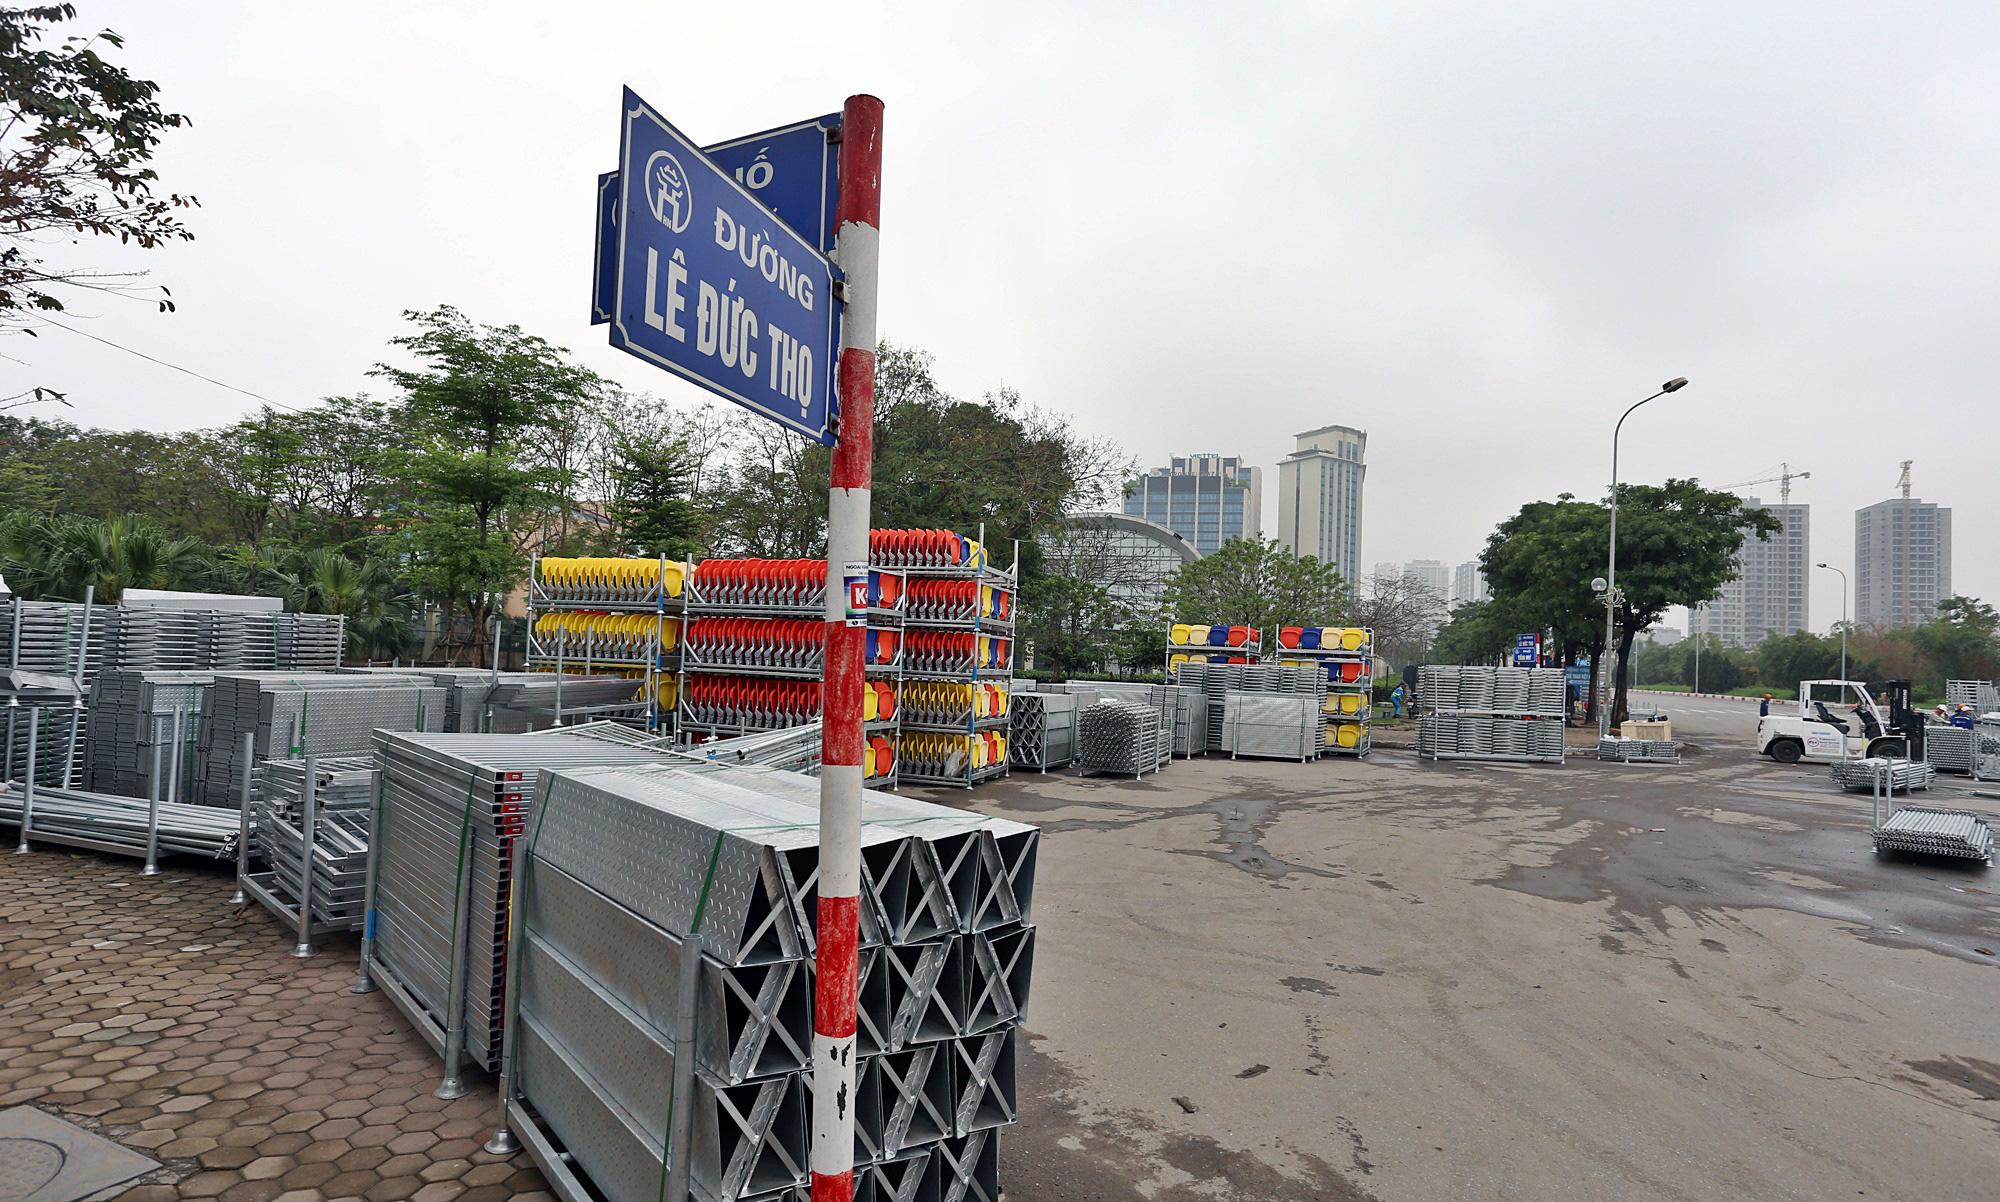 Hoãn đua F1 Hà Nội vì dịch Covid-19, khán đài di động bị tháo dỡ - Ảnh 15.